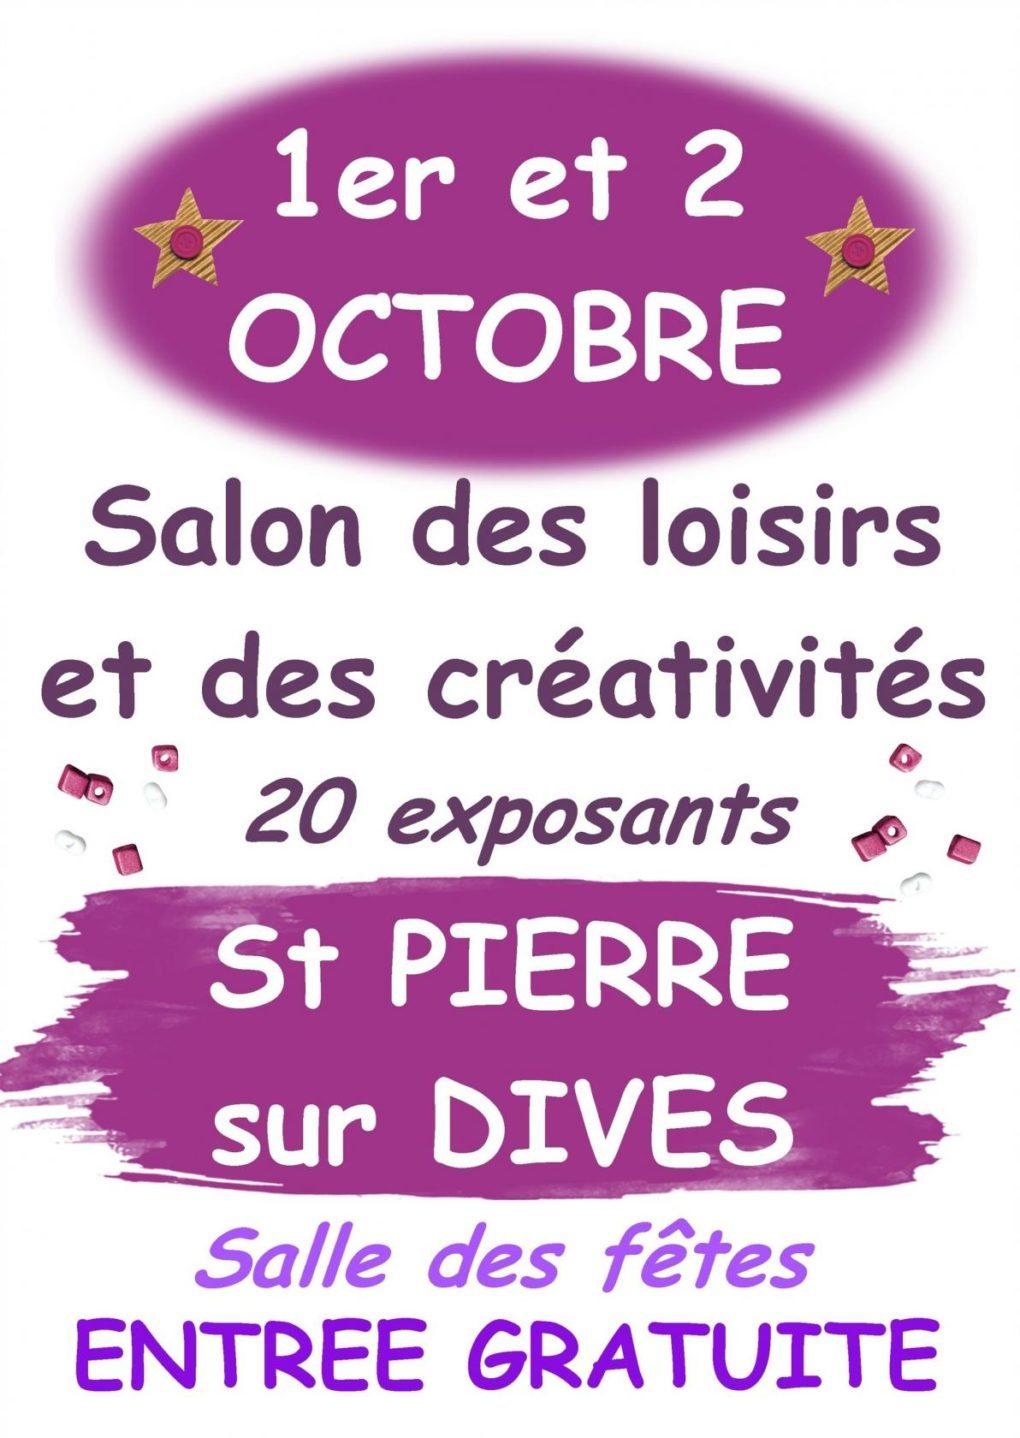 Salon des loisirs et des créativités Saint-Pierre-sur-Dives